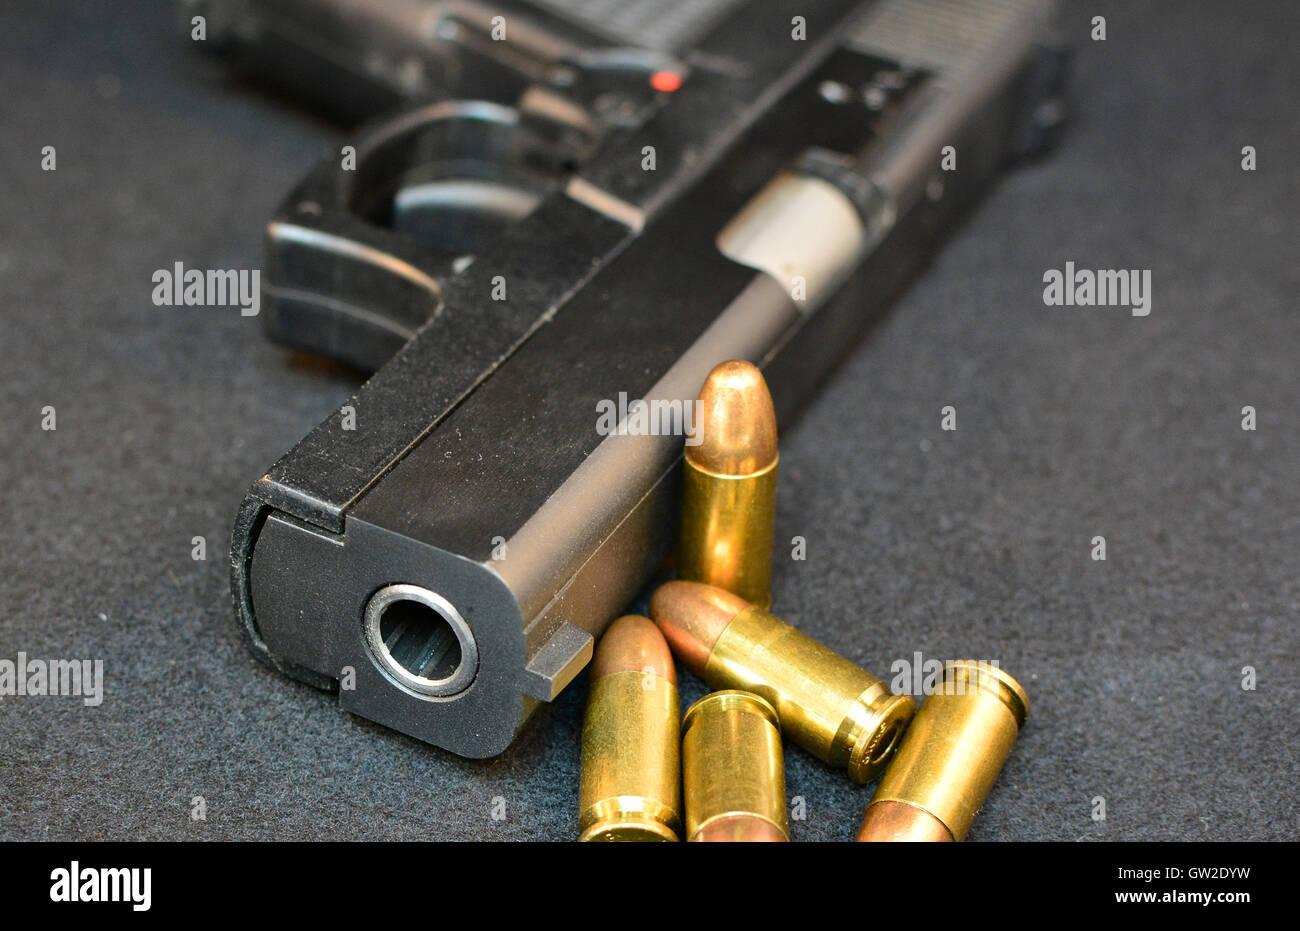 Pistola con balas. La delincuencia violenta, pistola de asalto. Disparar. El uso de armas. Imagen De Stock